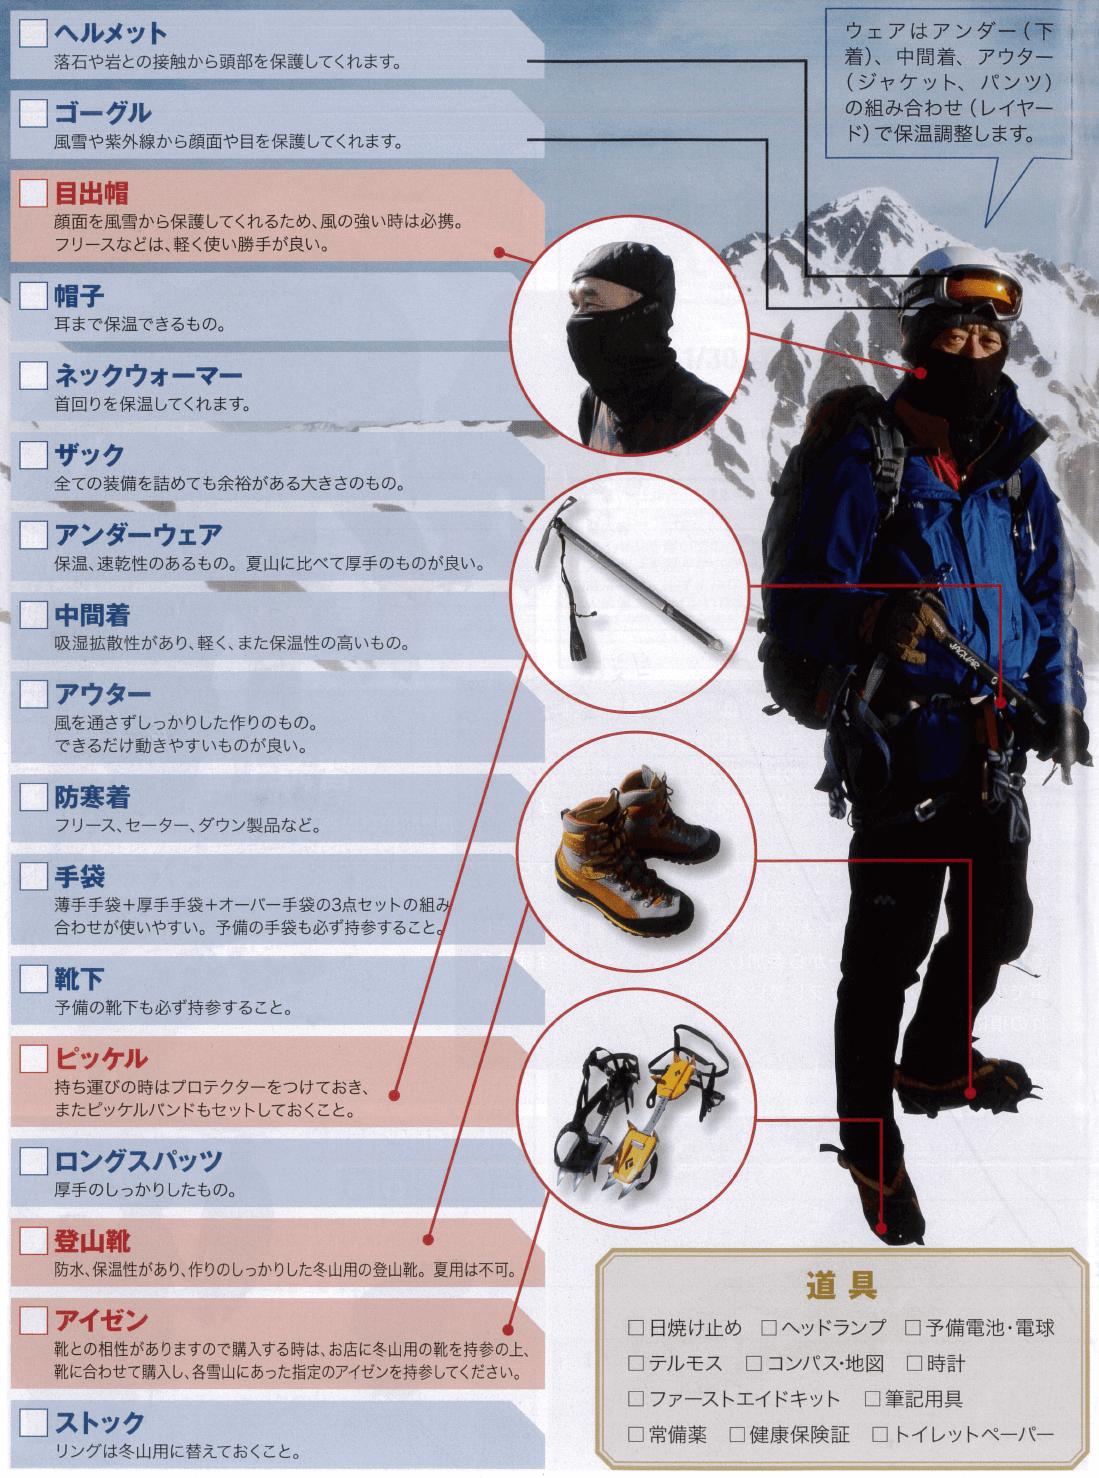 冬山装備リスト